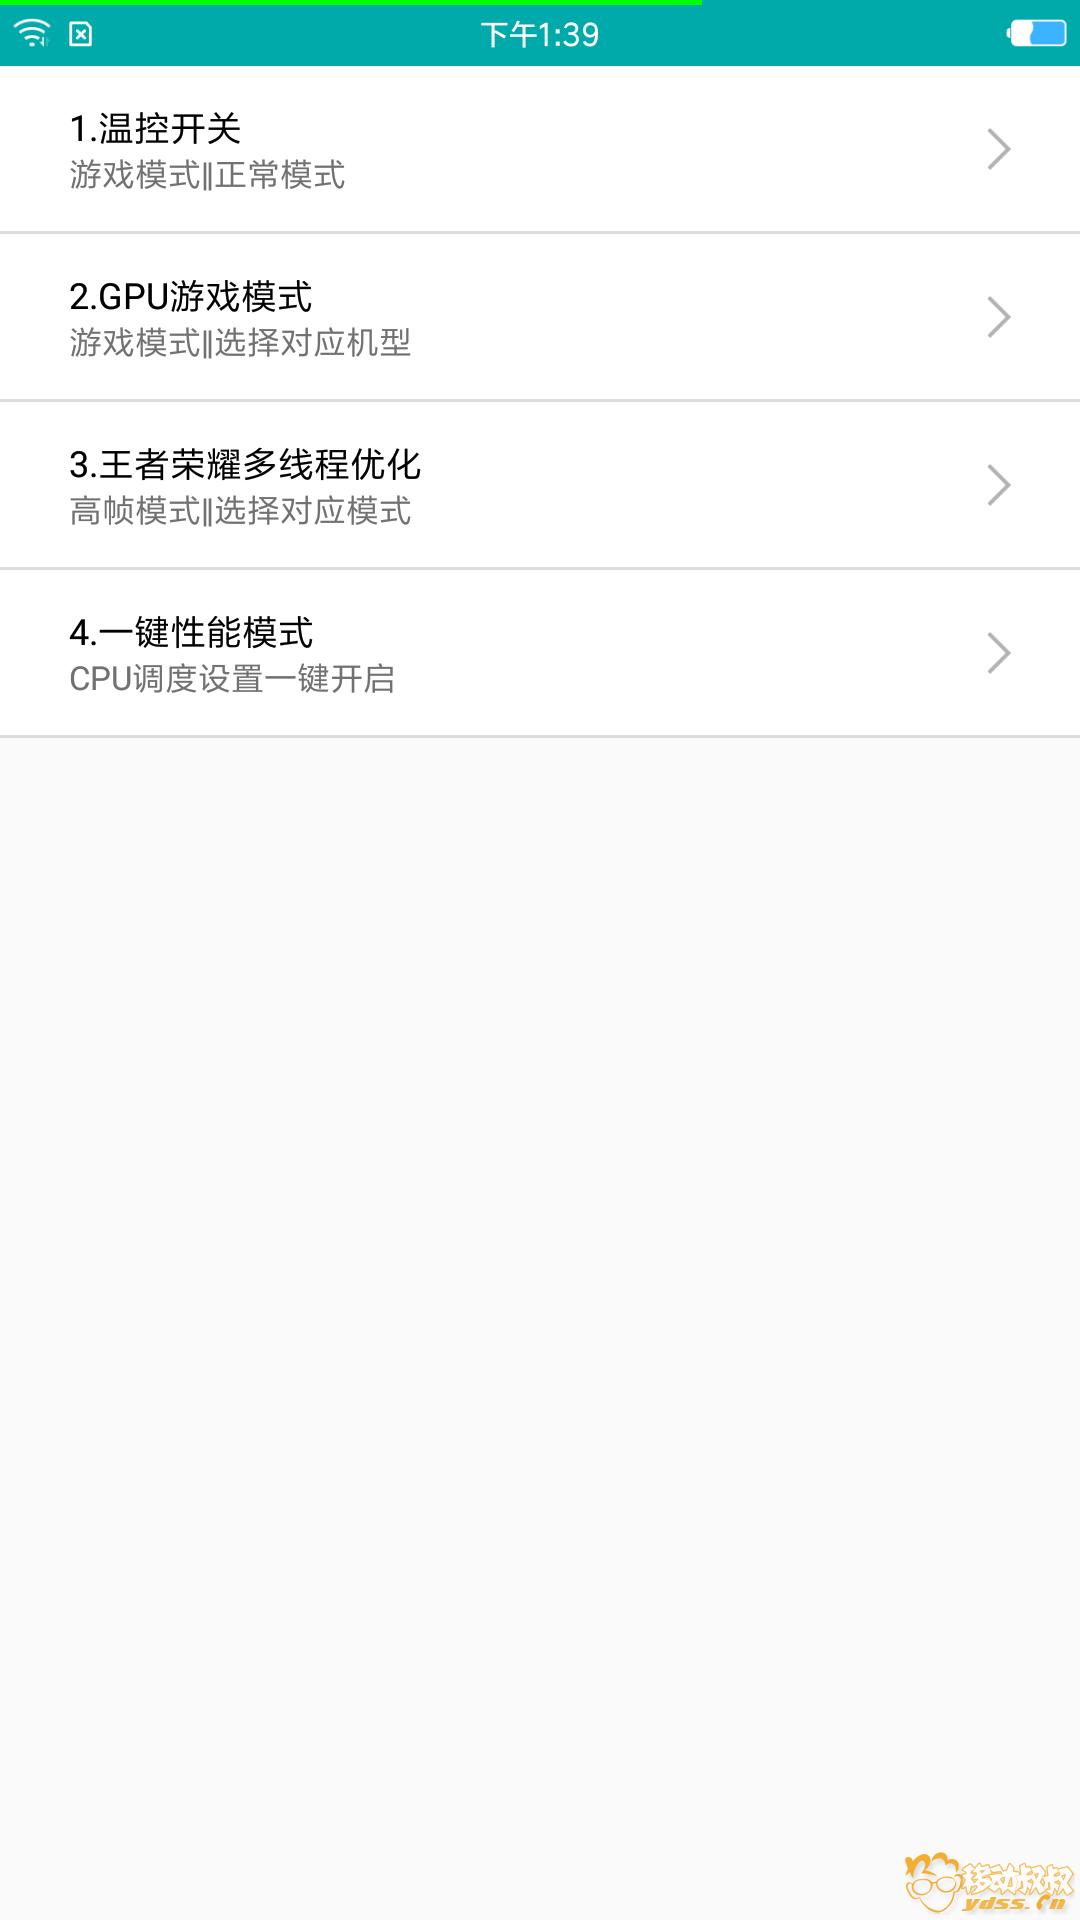 Screenshot_2018-09-19-13-39-01-514_com.lay.superTool.png